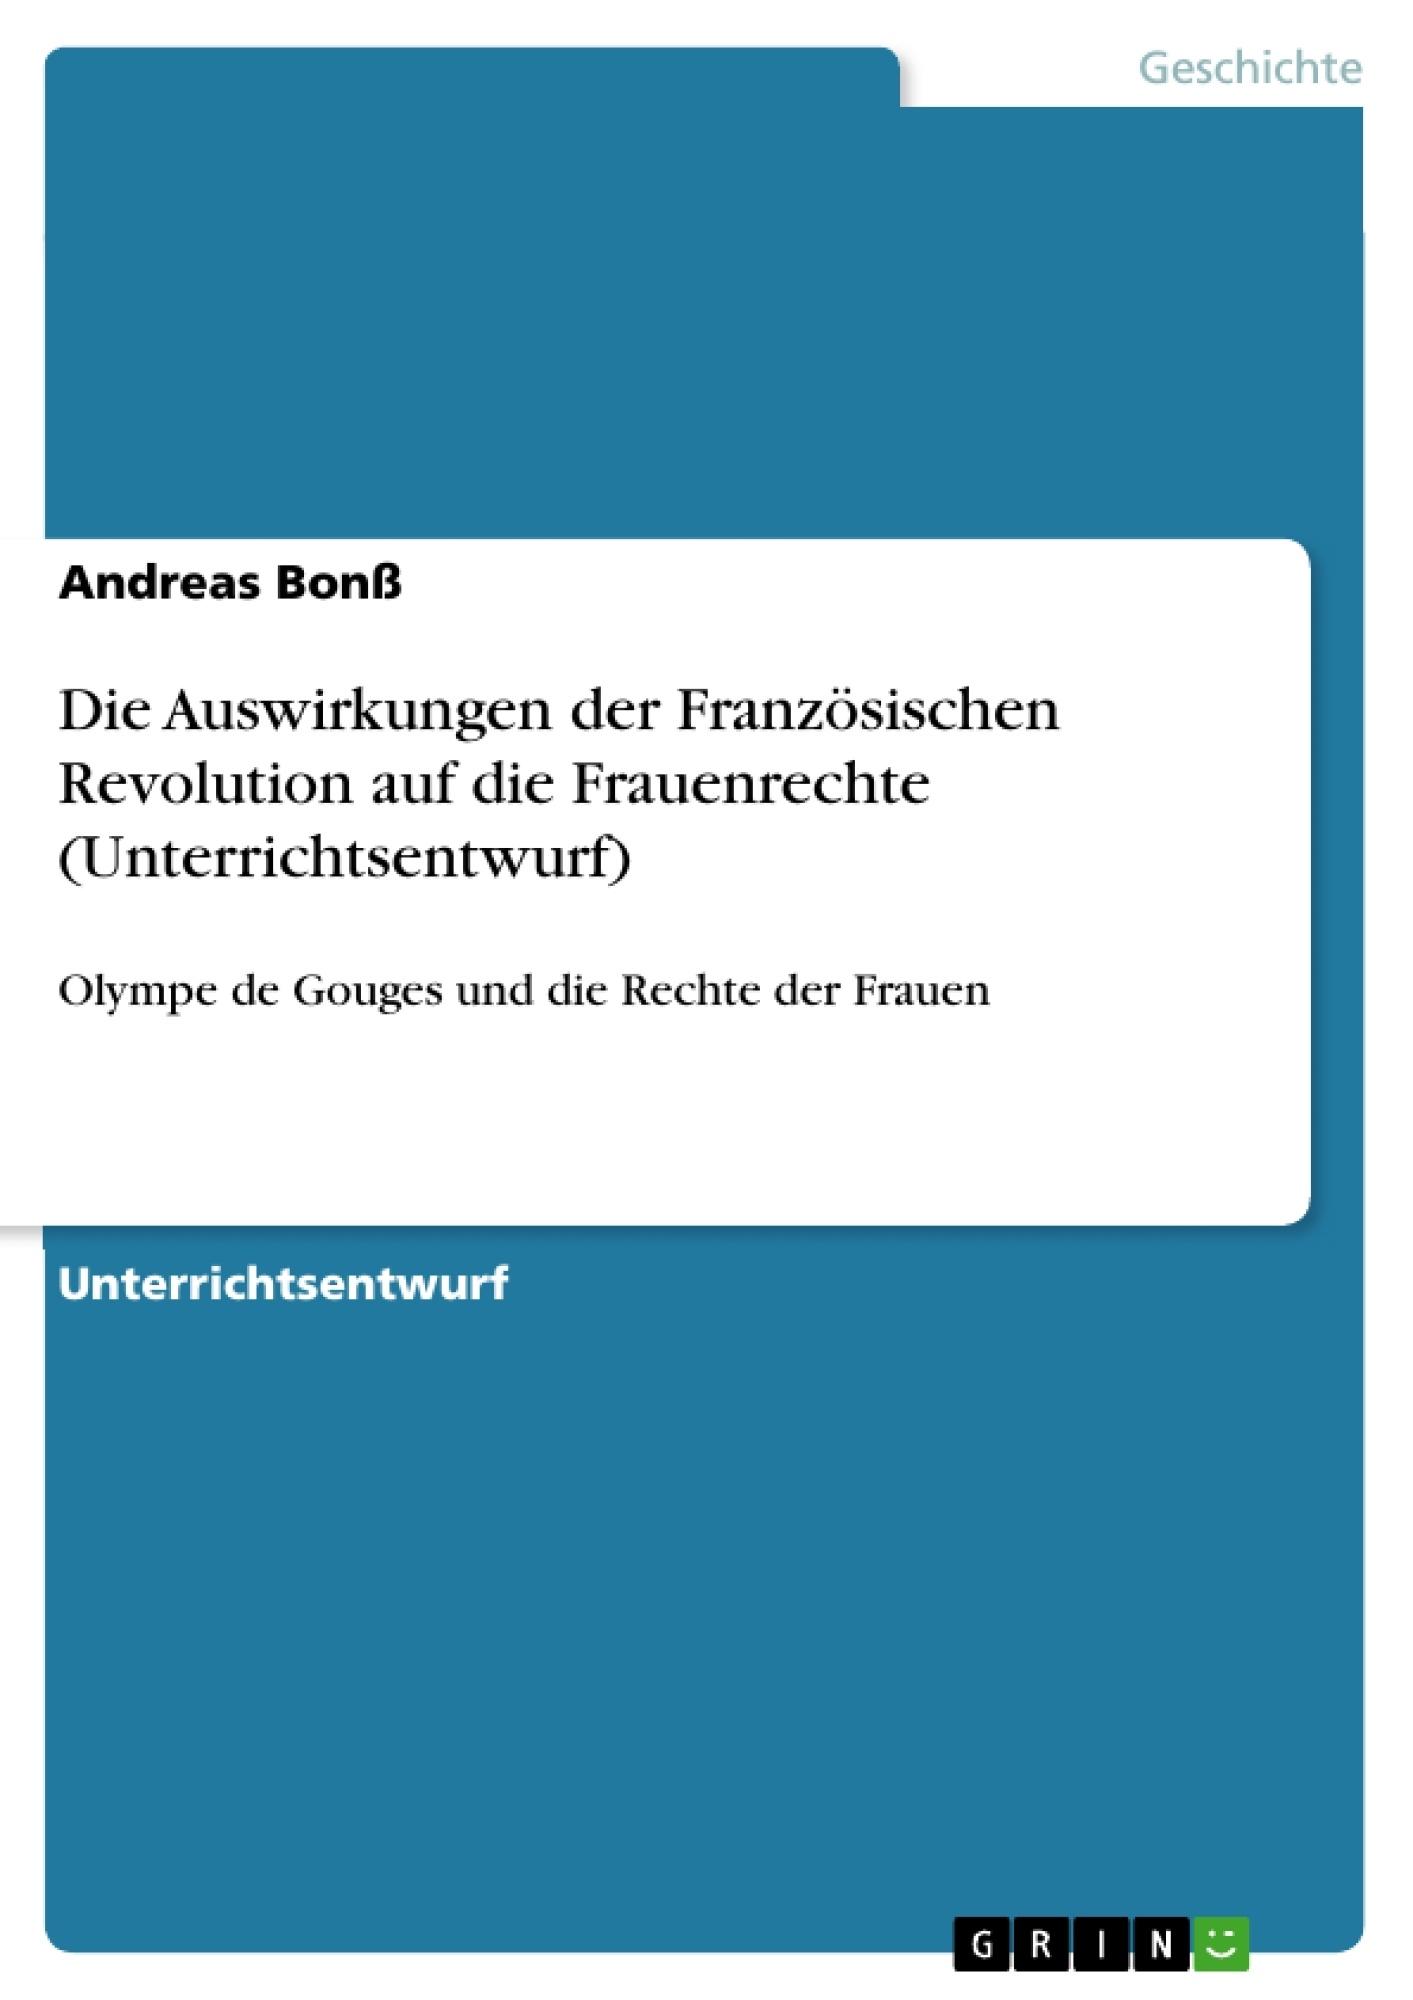 Titel: Die Auswirkungen der Französischen Revolution auf die Frauenrechte (Unterrichtsentwurf)